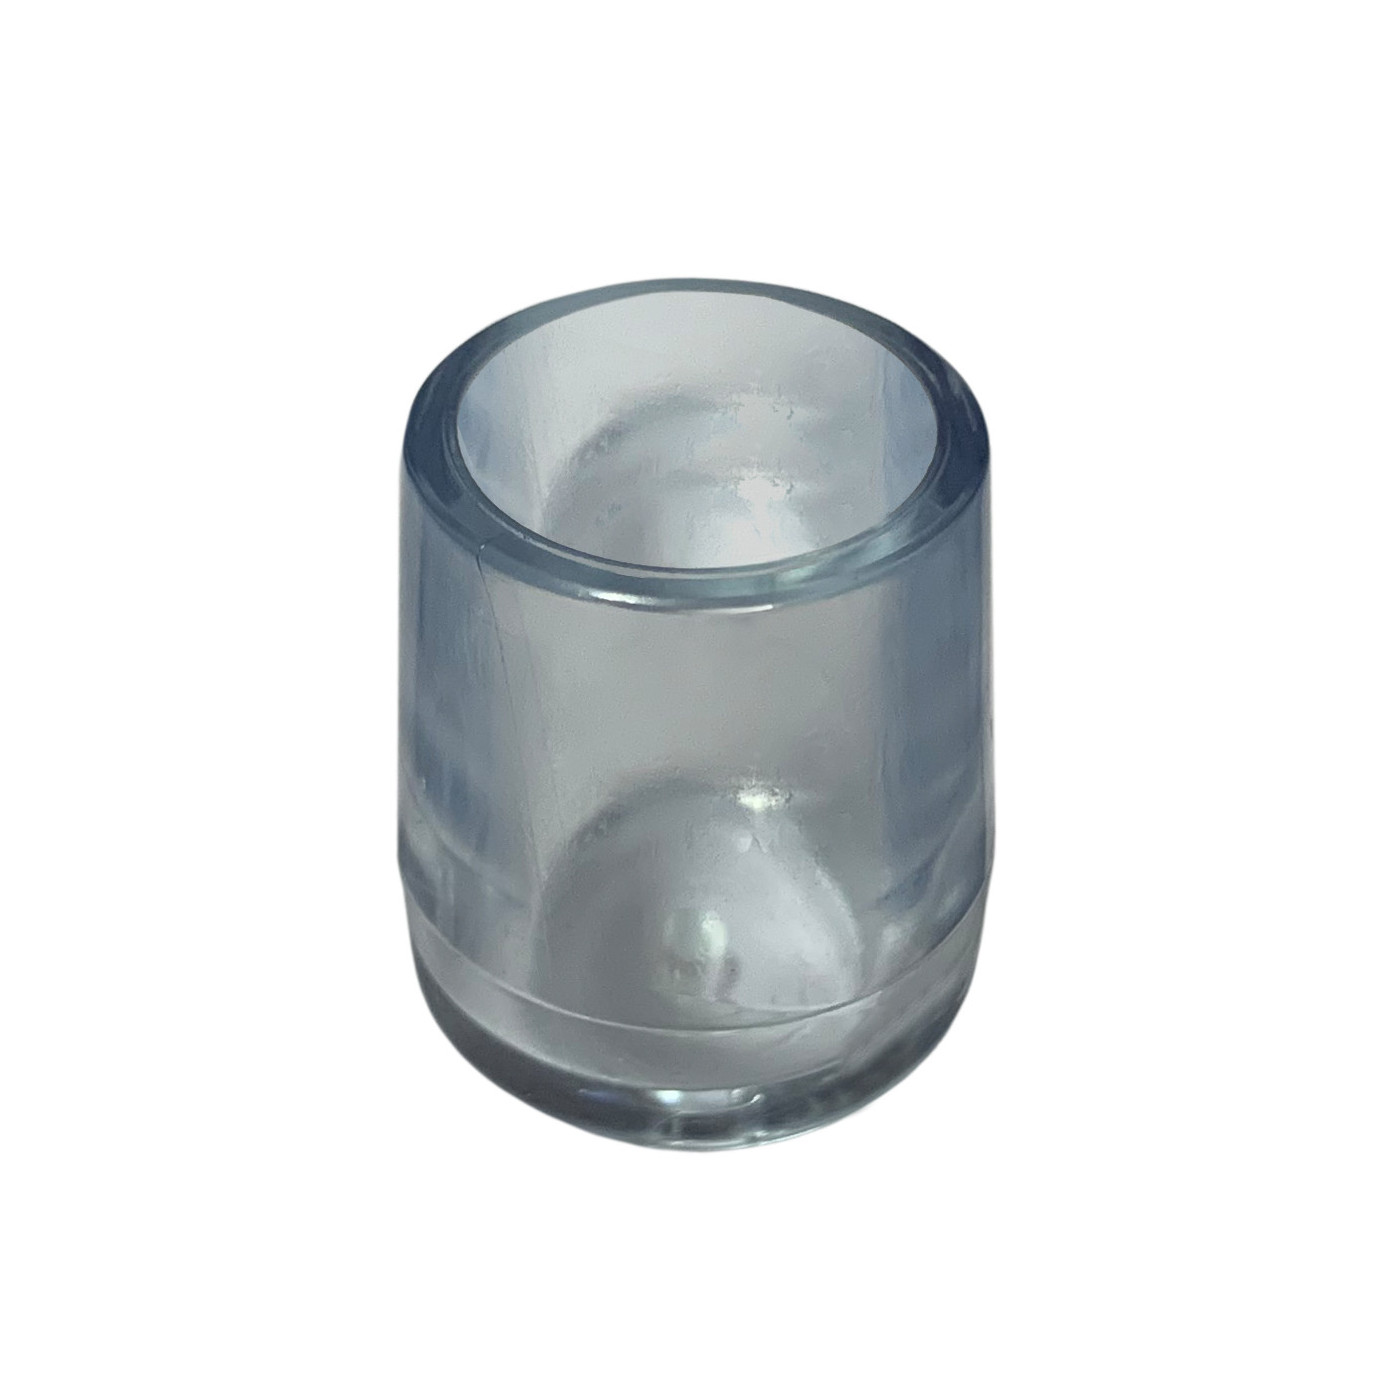 Set von 16 flexibele Stuhlbeinkappen (Außenkappe, extra stark, rund, 12.7 mm, transparent) [O-RO-12.7-T-X]  - 1